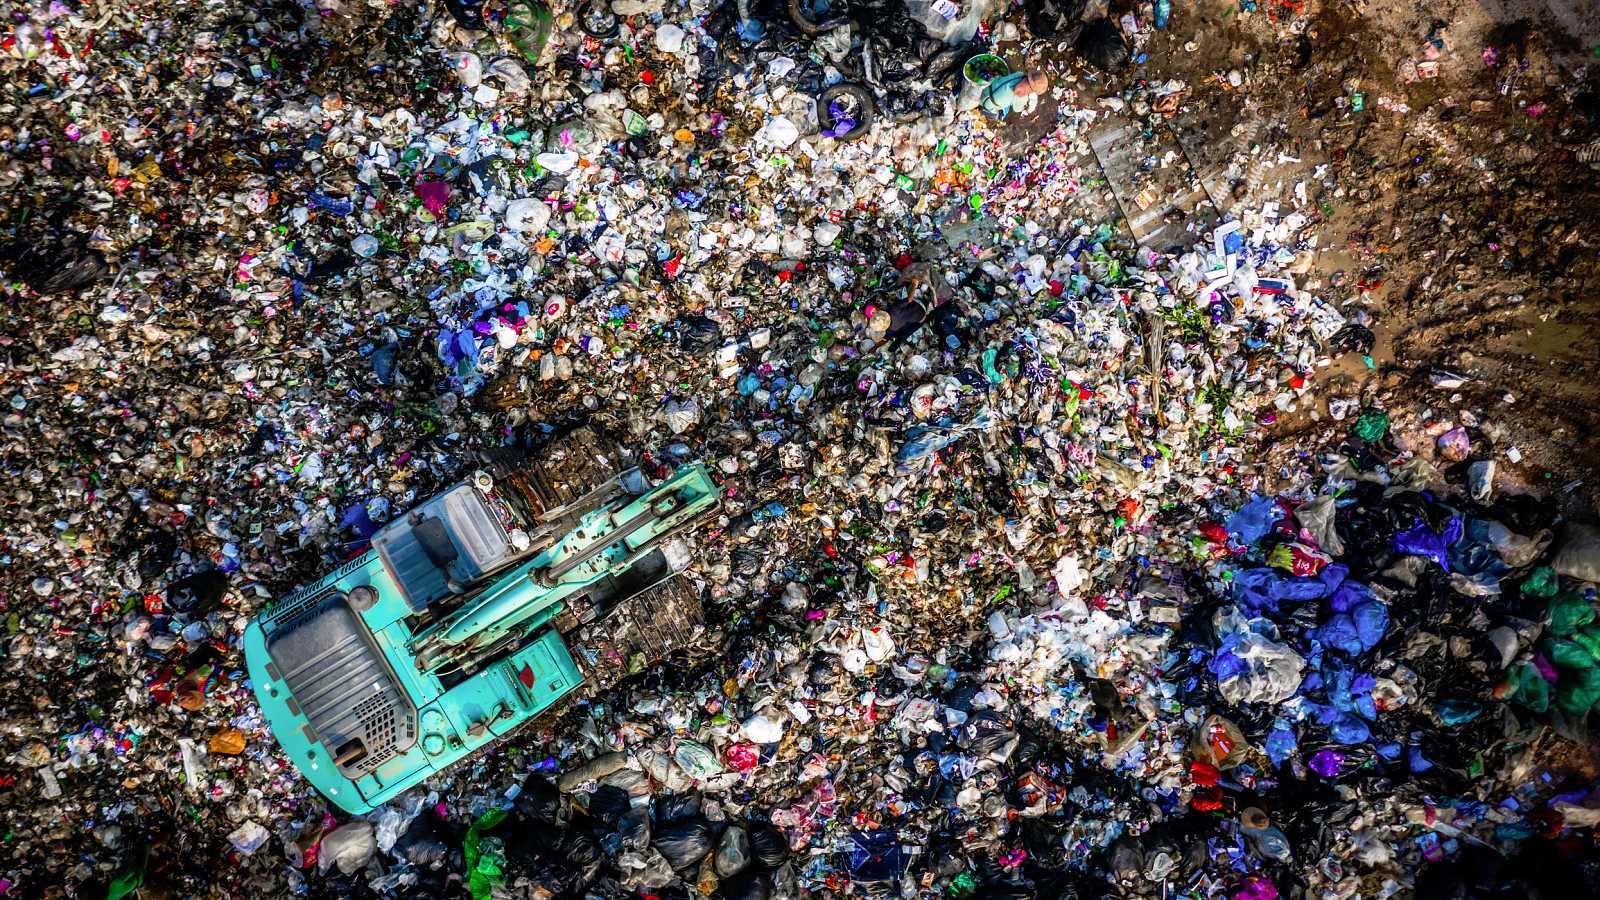 La economía española generó 132 millones de toneladas de residuos en 2017, el último año del que se tienen datos.